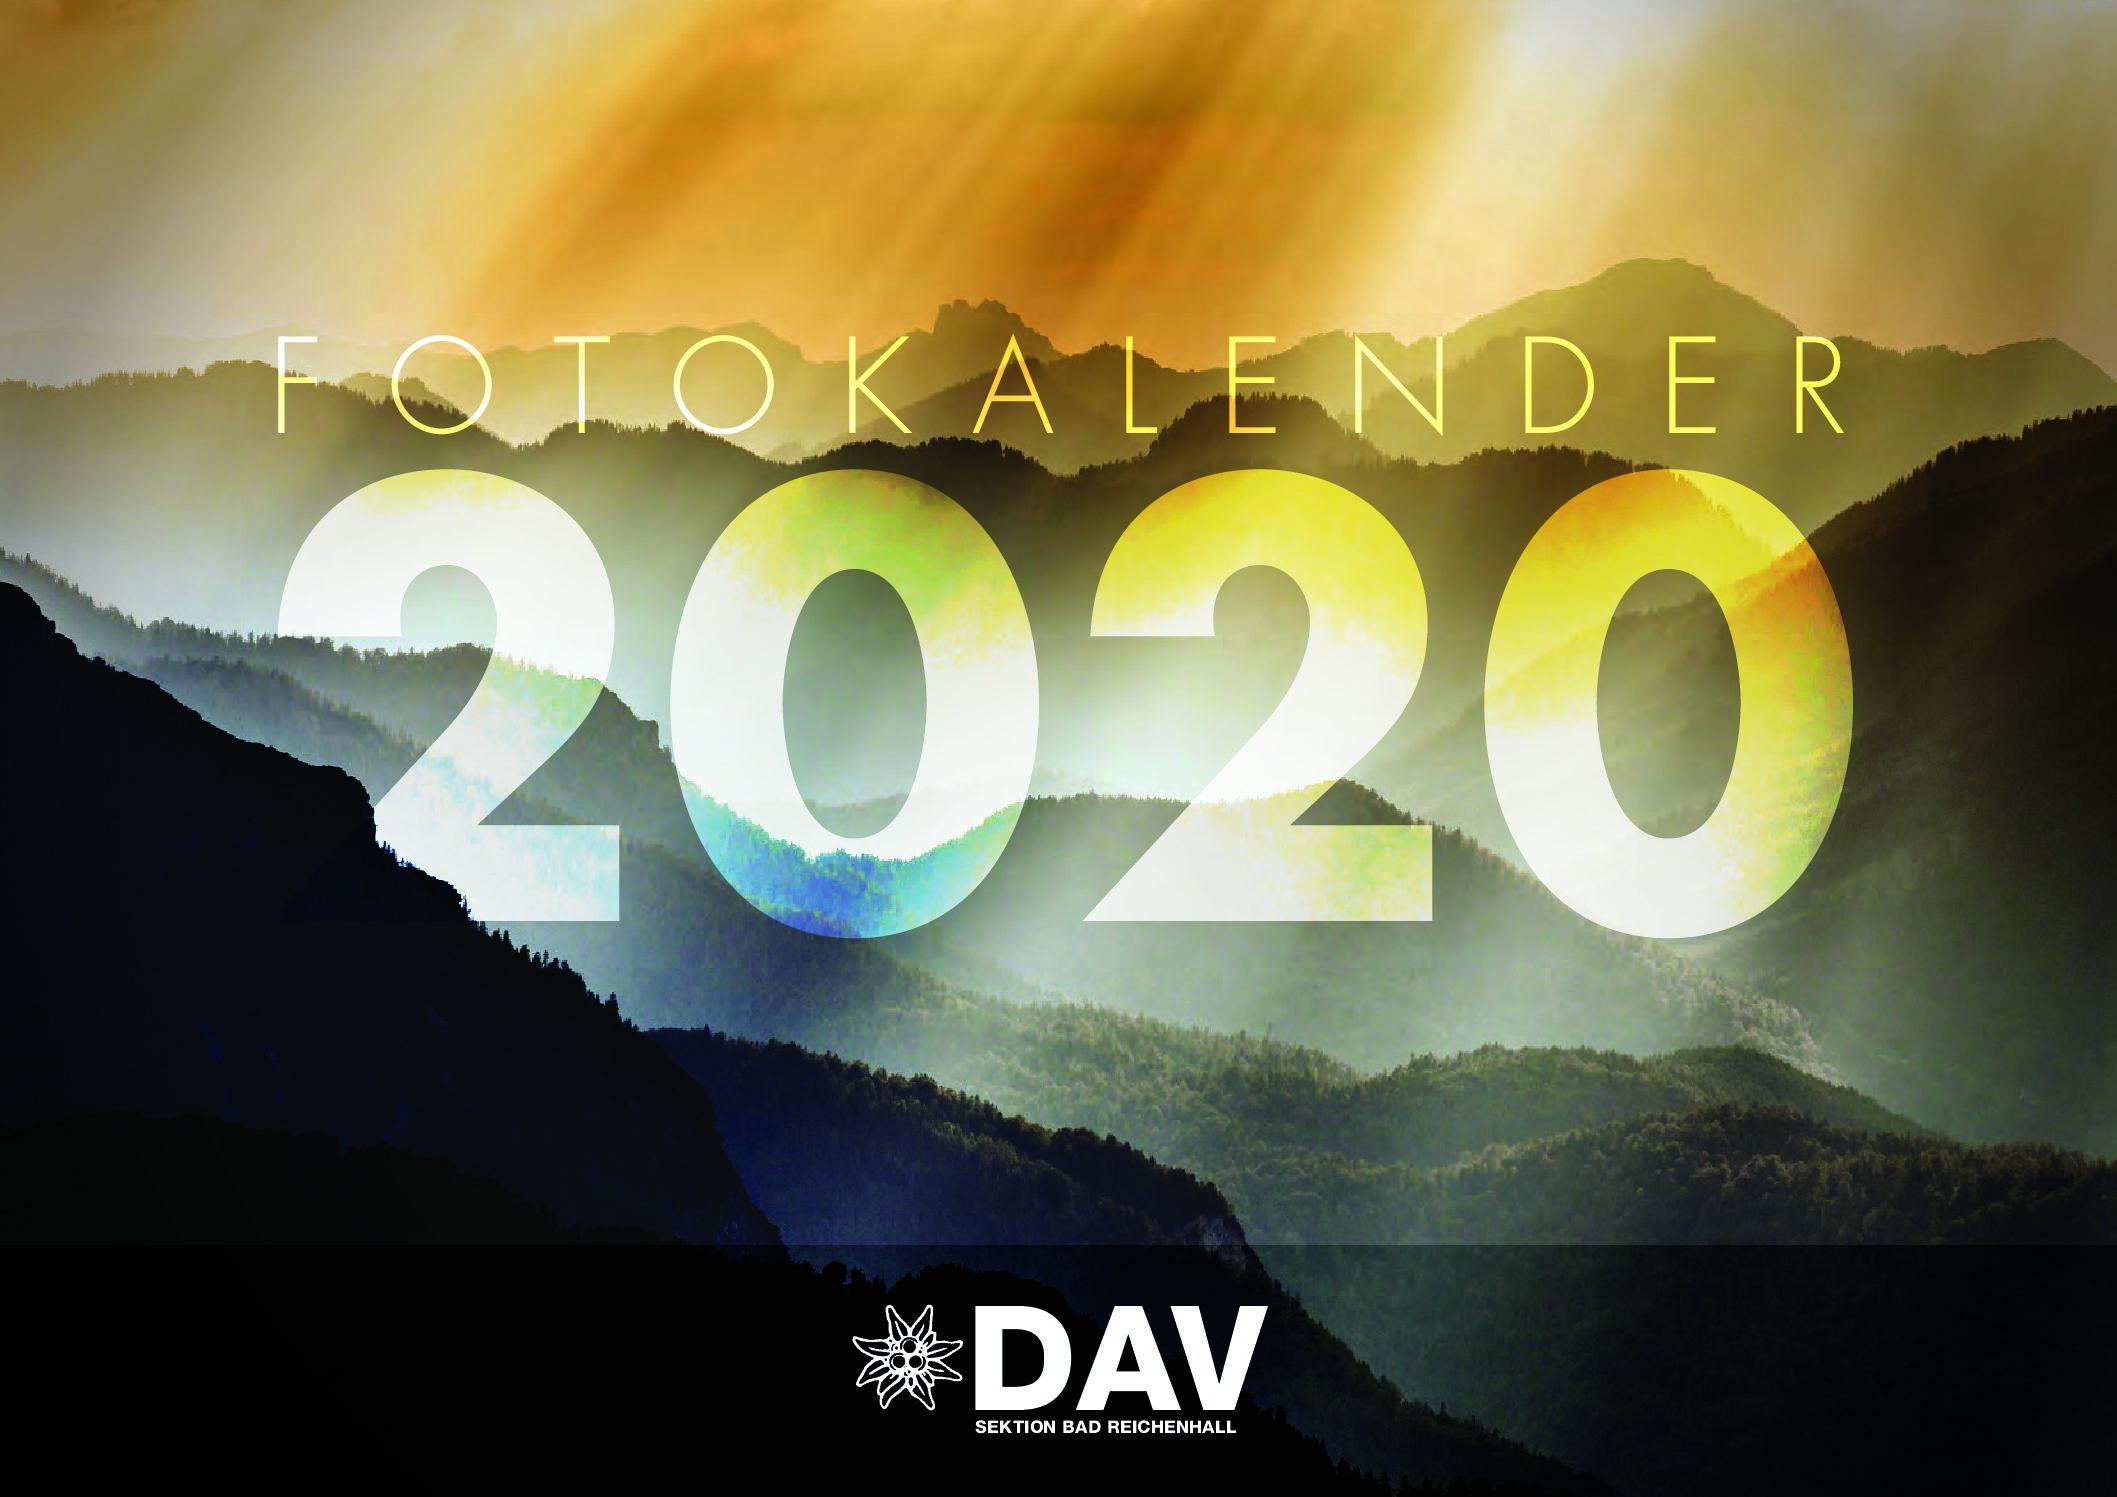 Kalender 2020 der DAV-Sektion Bad Reichenhall